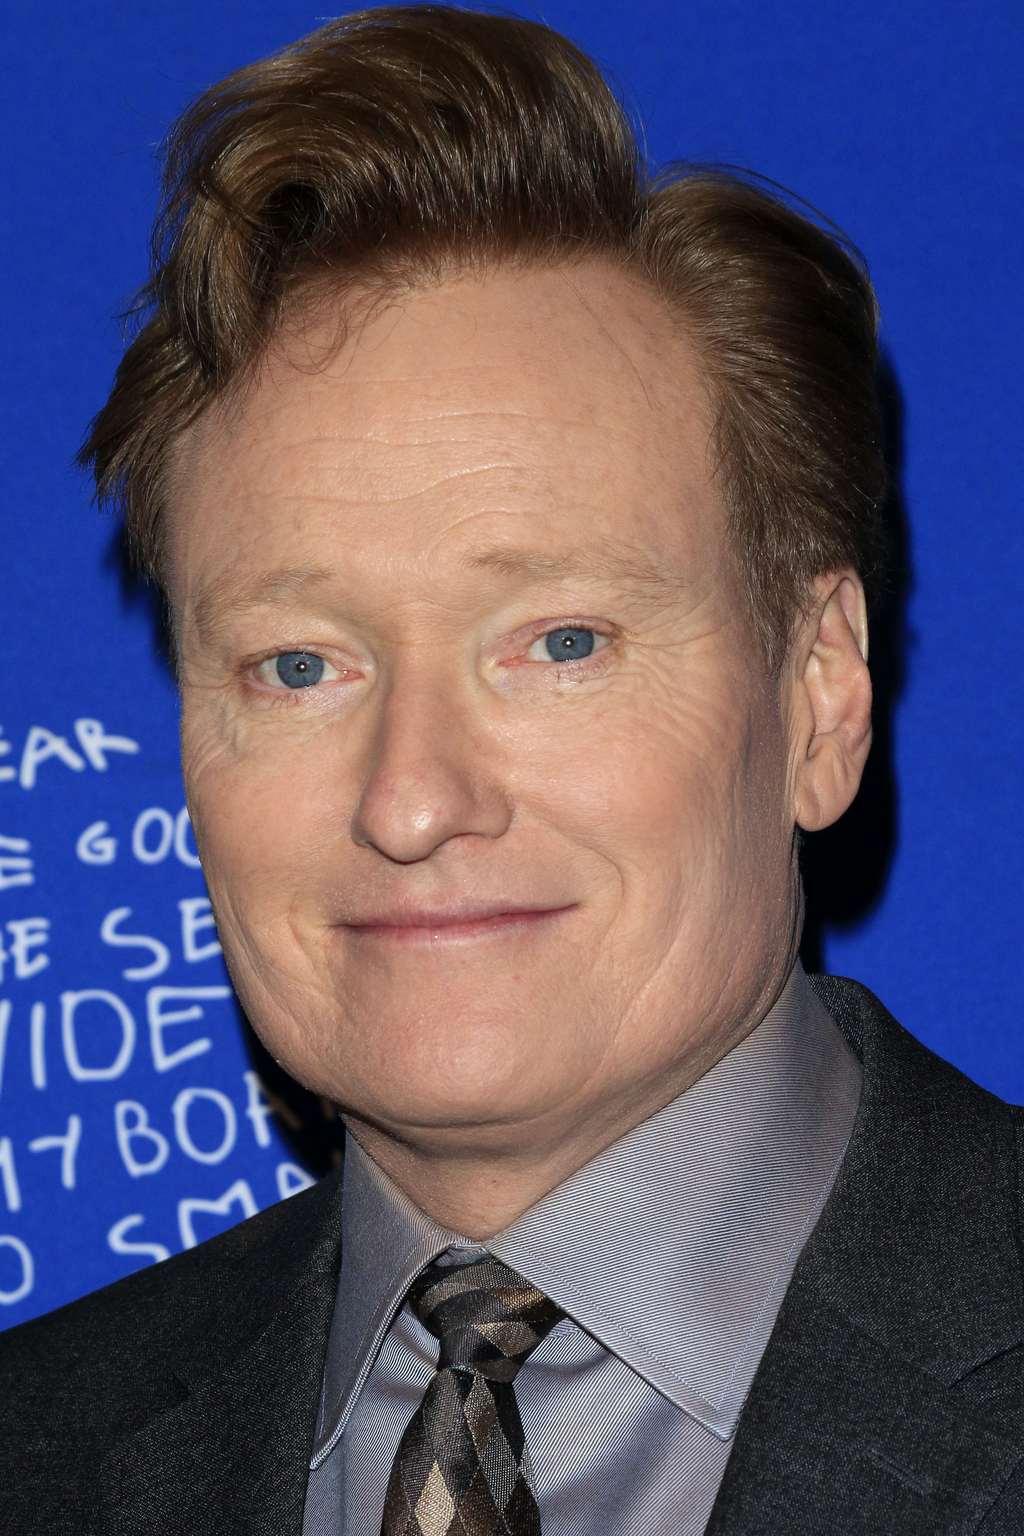 Conan O'Brien Ivy League Schools